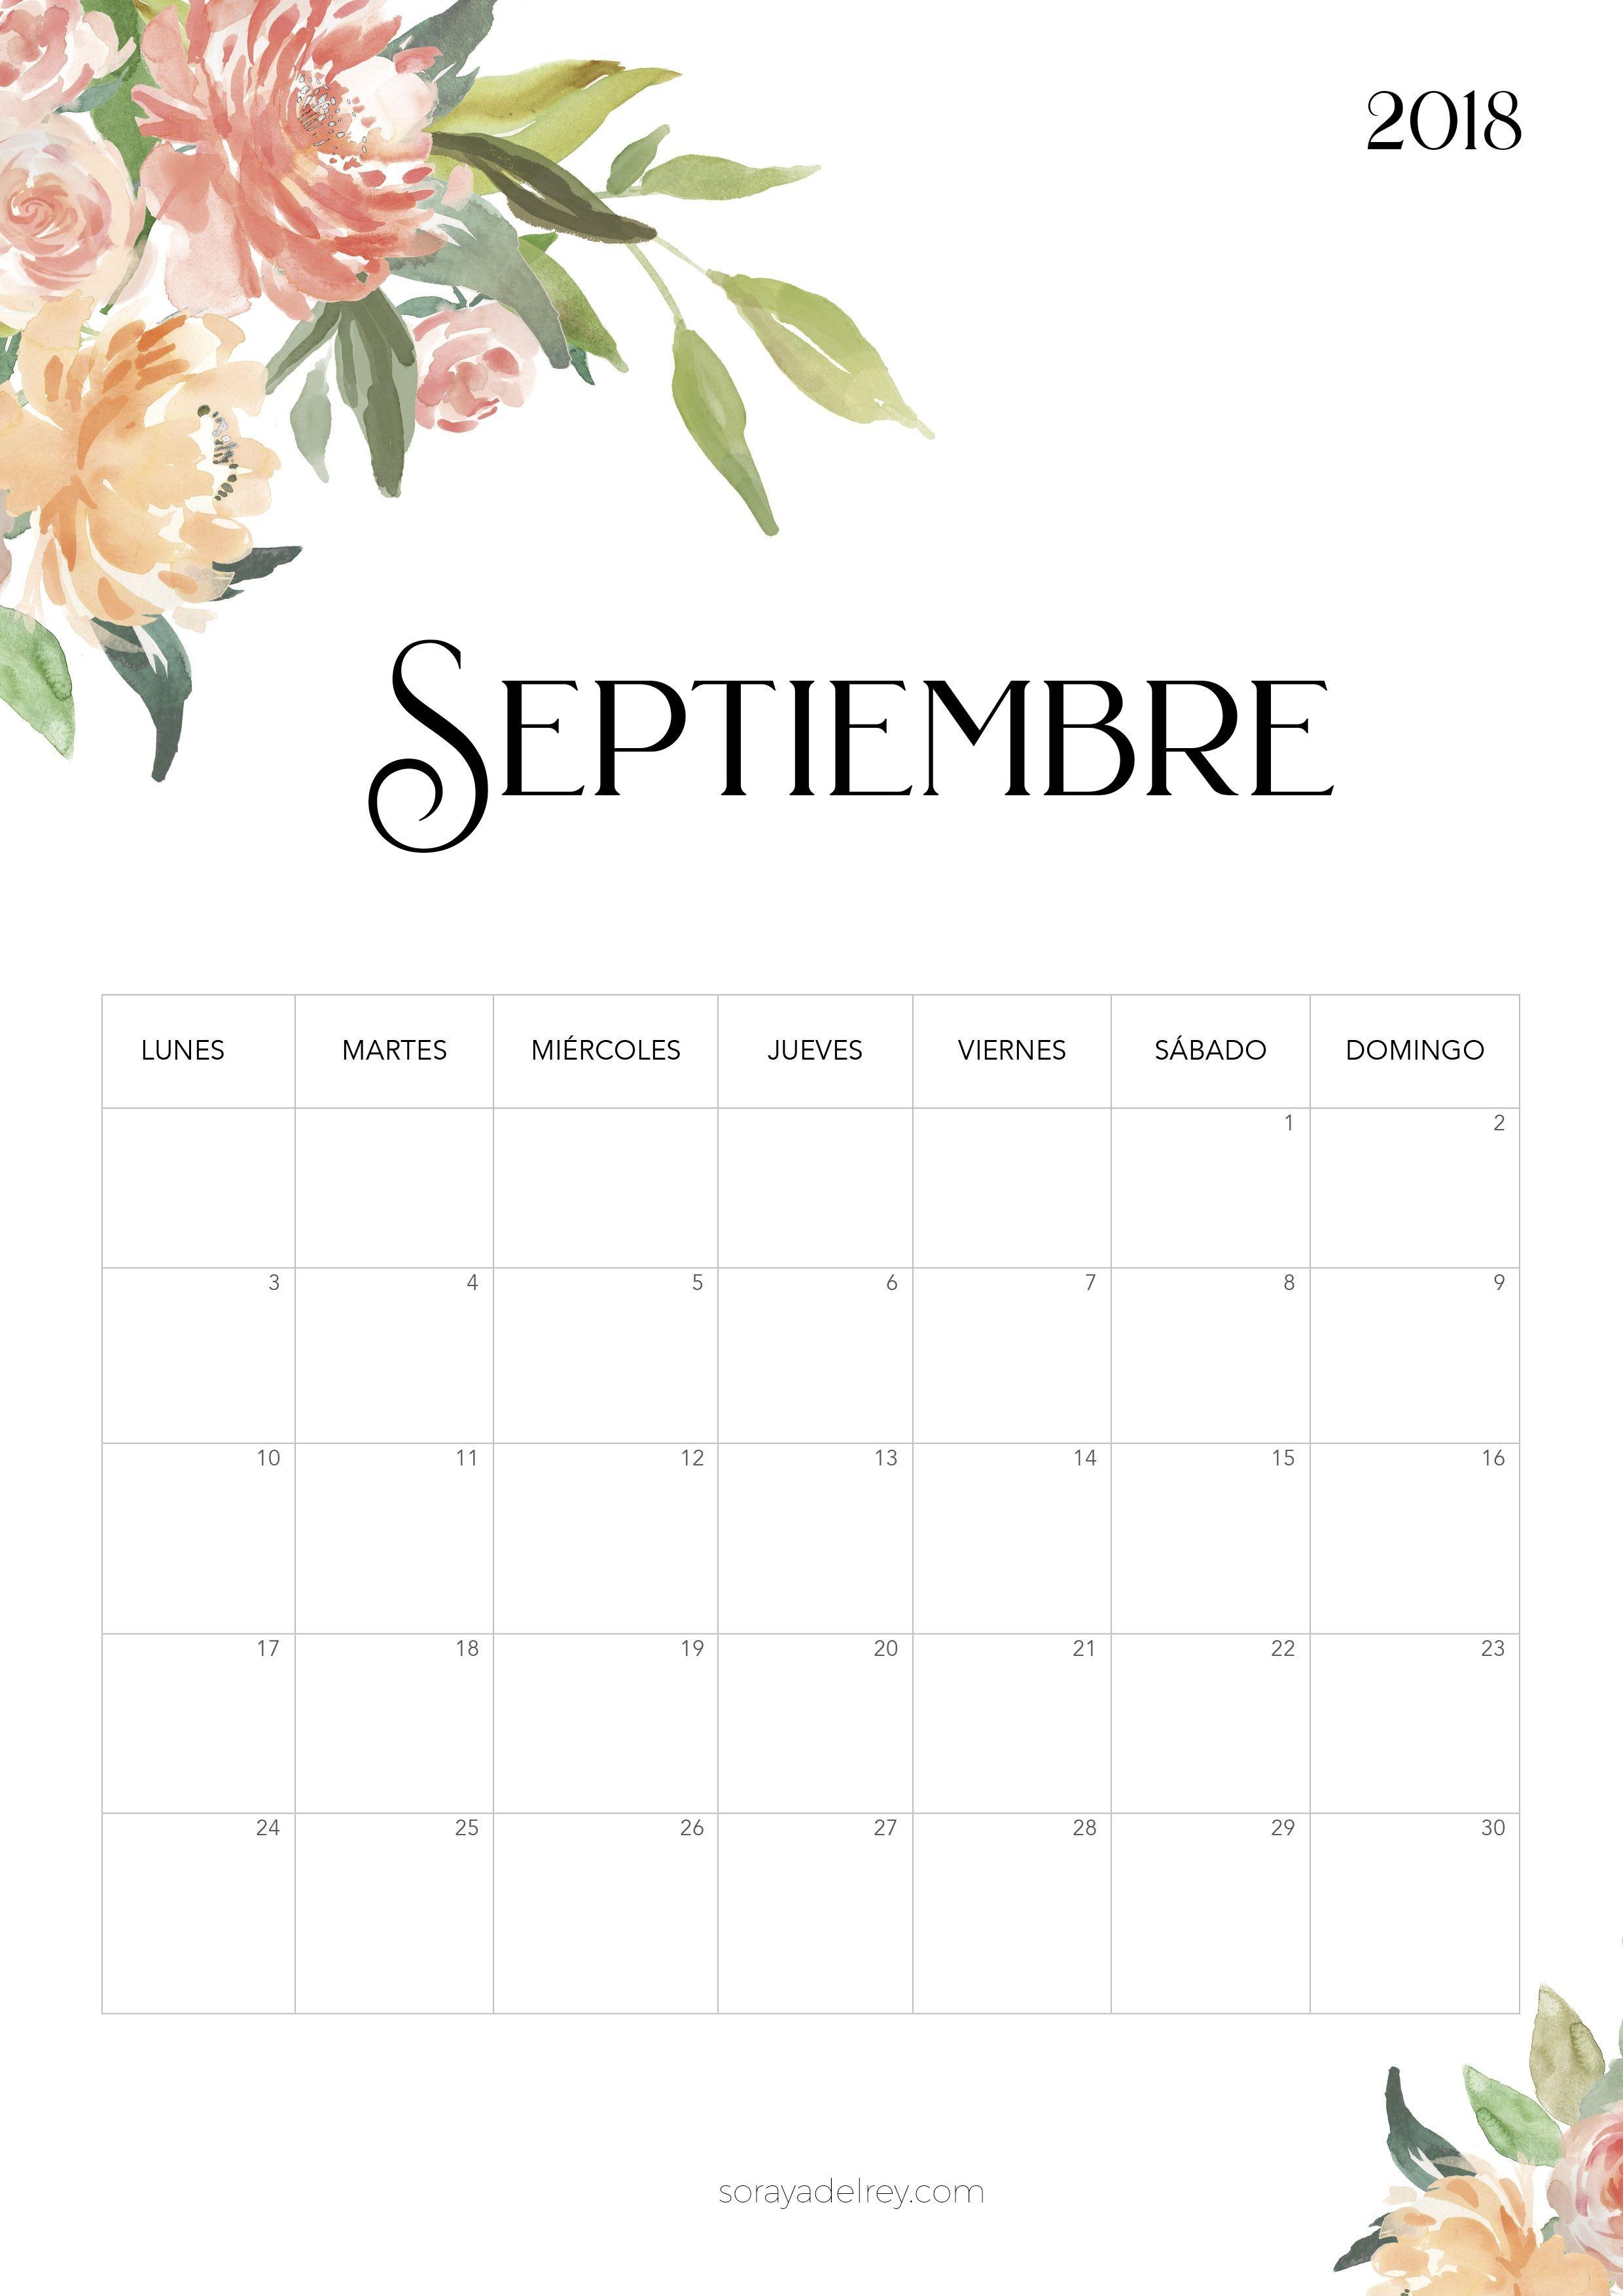 Calendario Septiembre Octubre Y Noviembre 2019 Para Imprimir Más Populares Calendario Para Imprimir 2018 2019 Calendario 2019